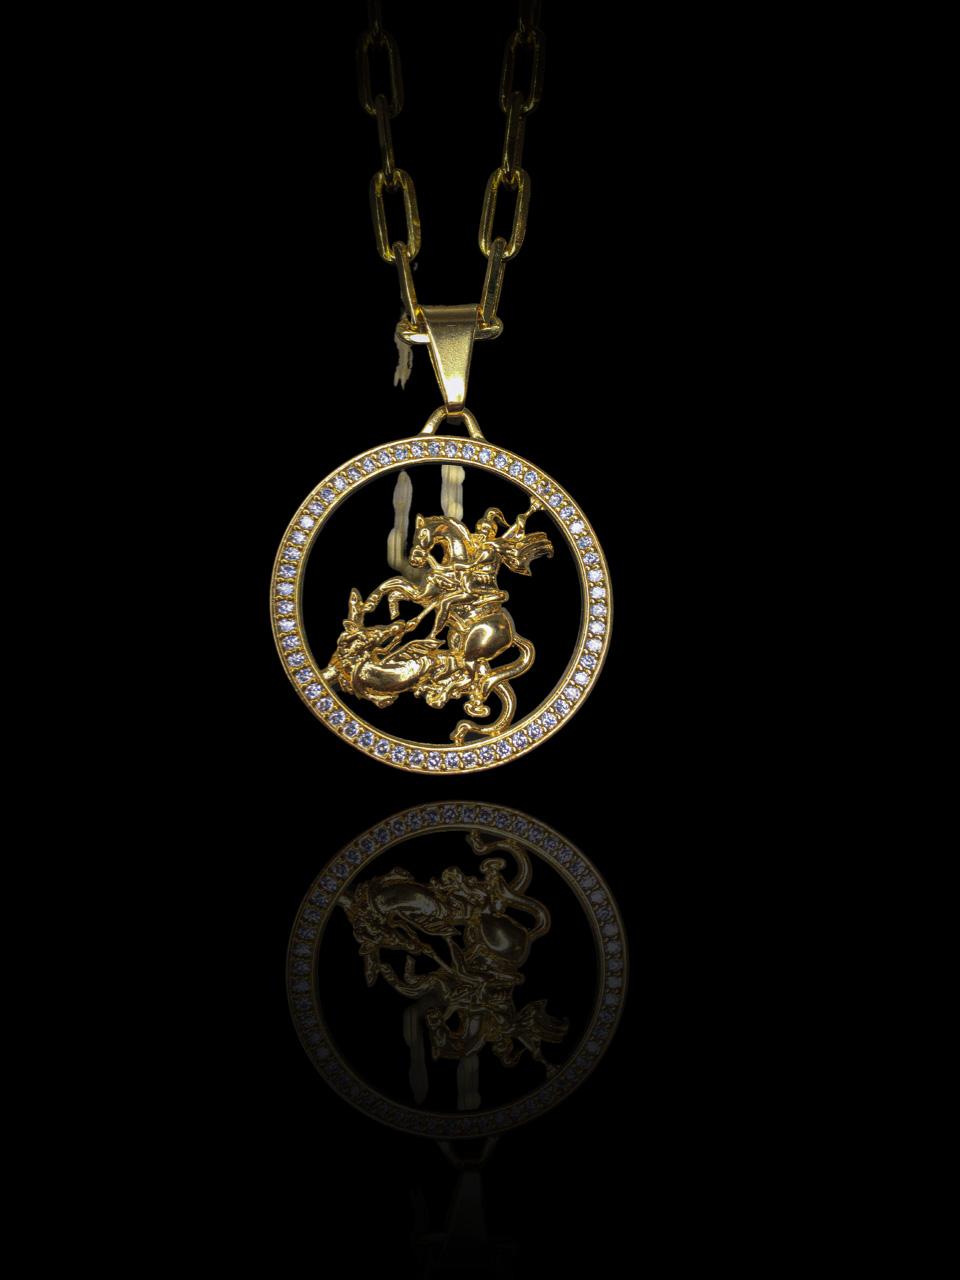 Pingente São Jorge vazado - cravejado de zircônia  banhado a ouro 18k